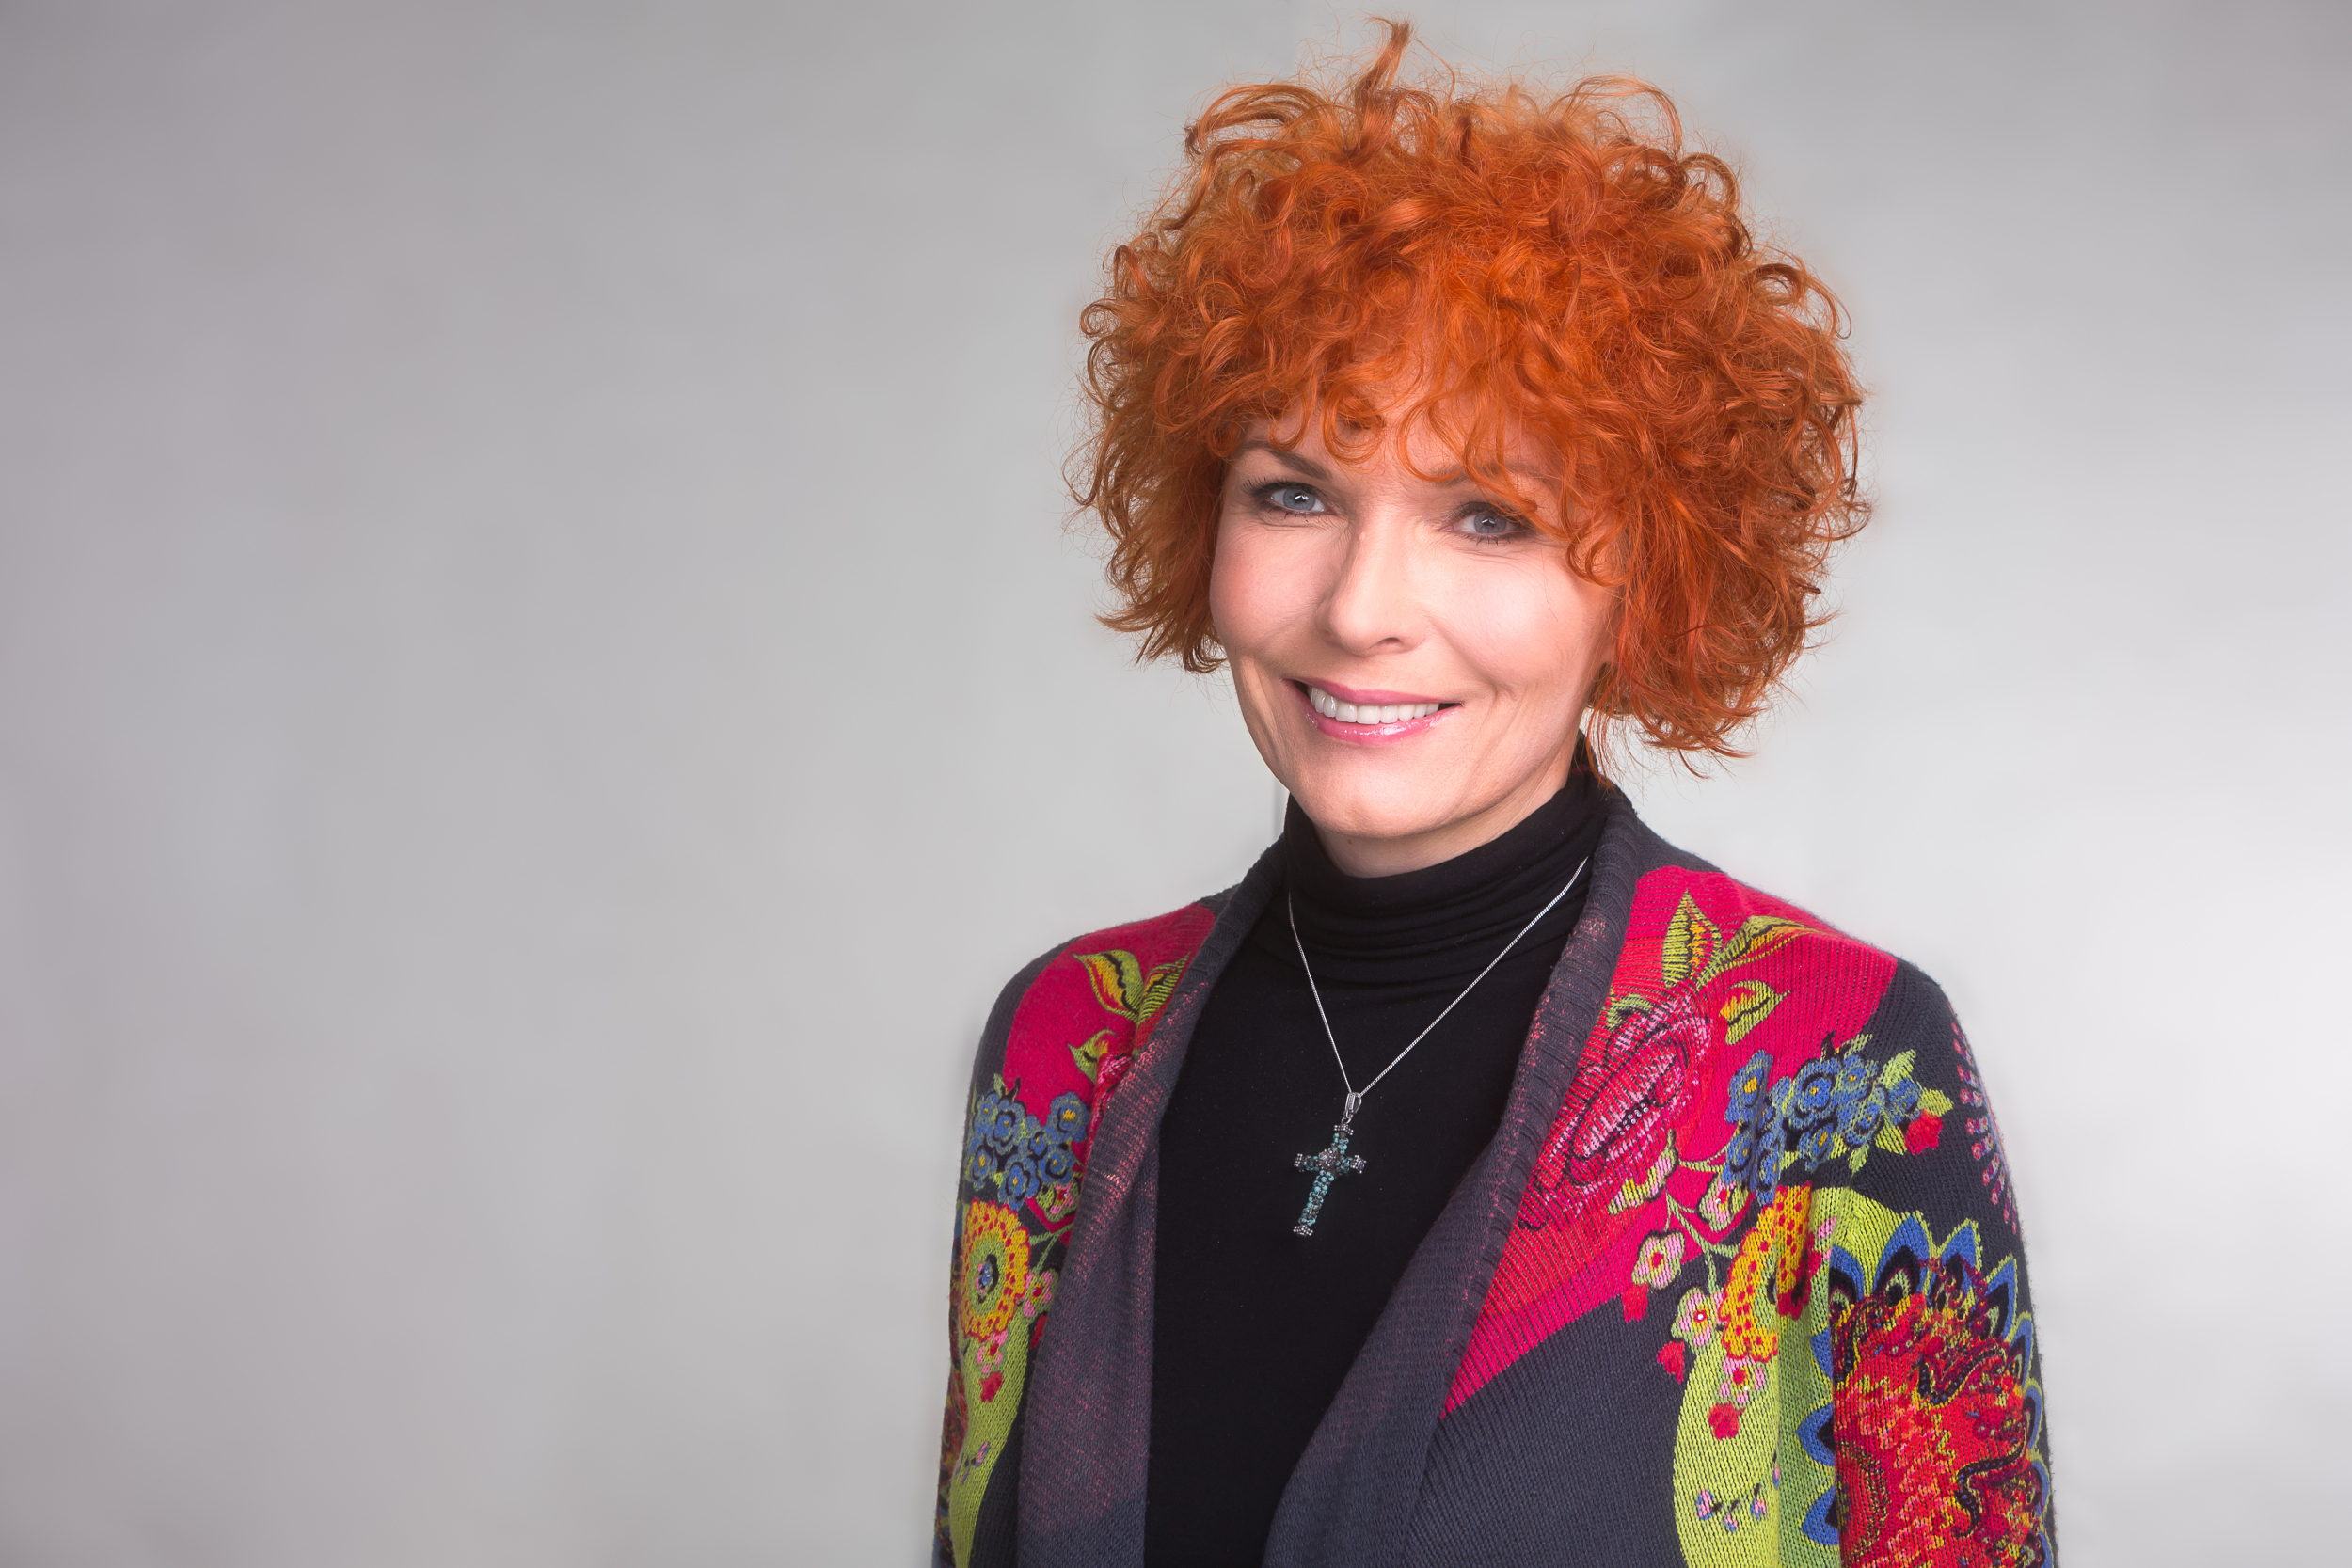 Xenia Kruszewska, Dyrektor Działu Ubezpieczeń Zdrowotnych w SALTUS Ubezpieczenia